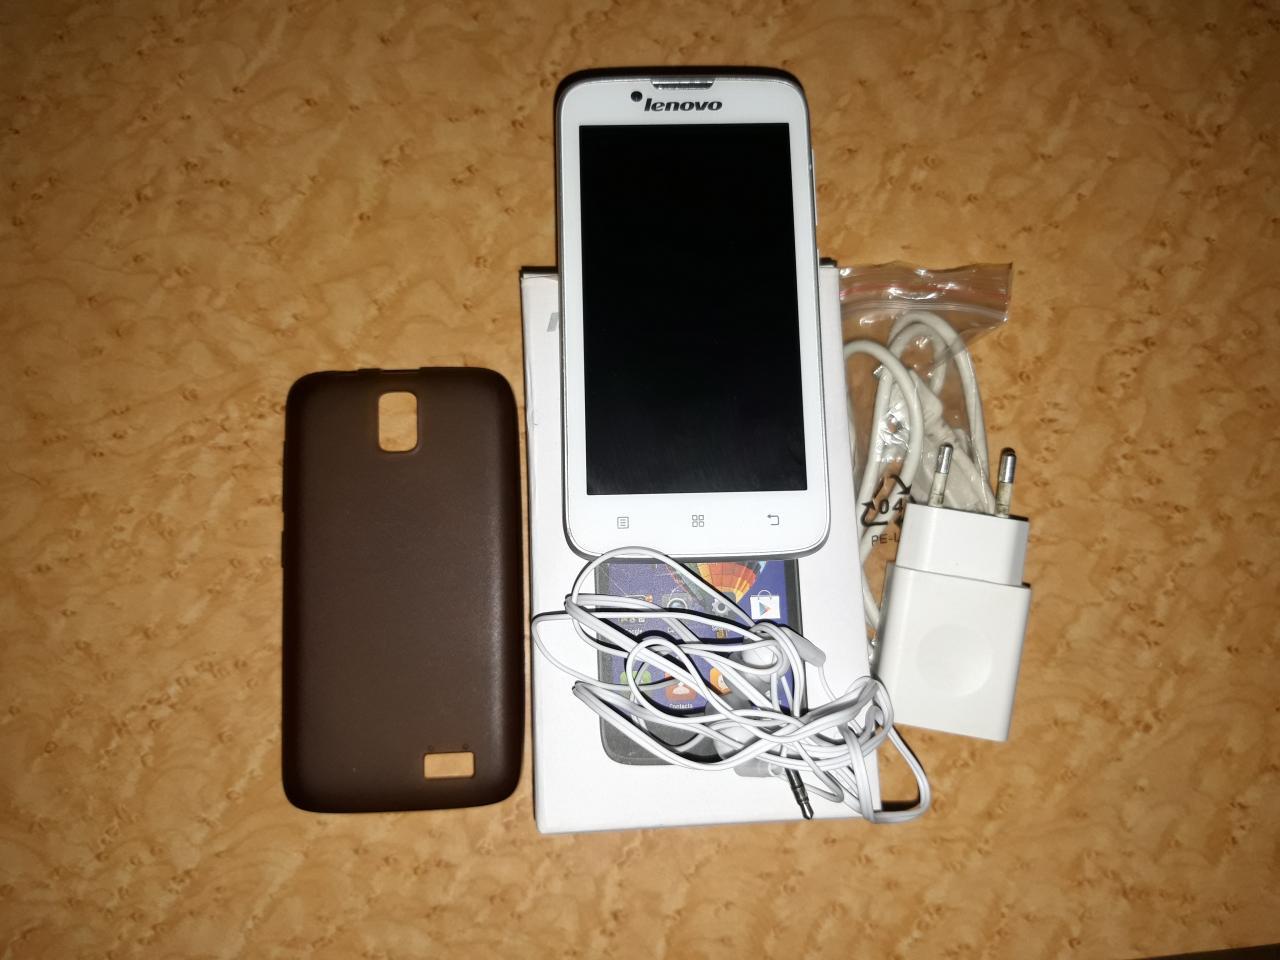 Смартфон Lenovo A328 (белый) | фото 1 из 1